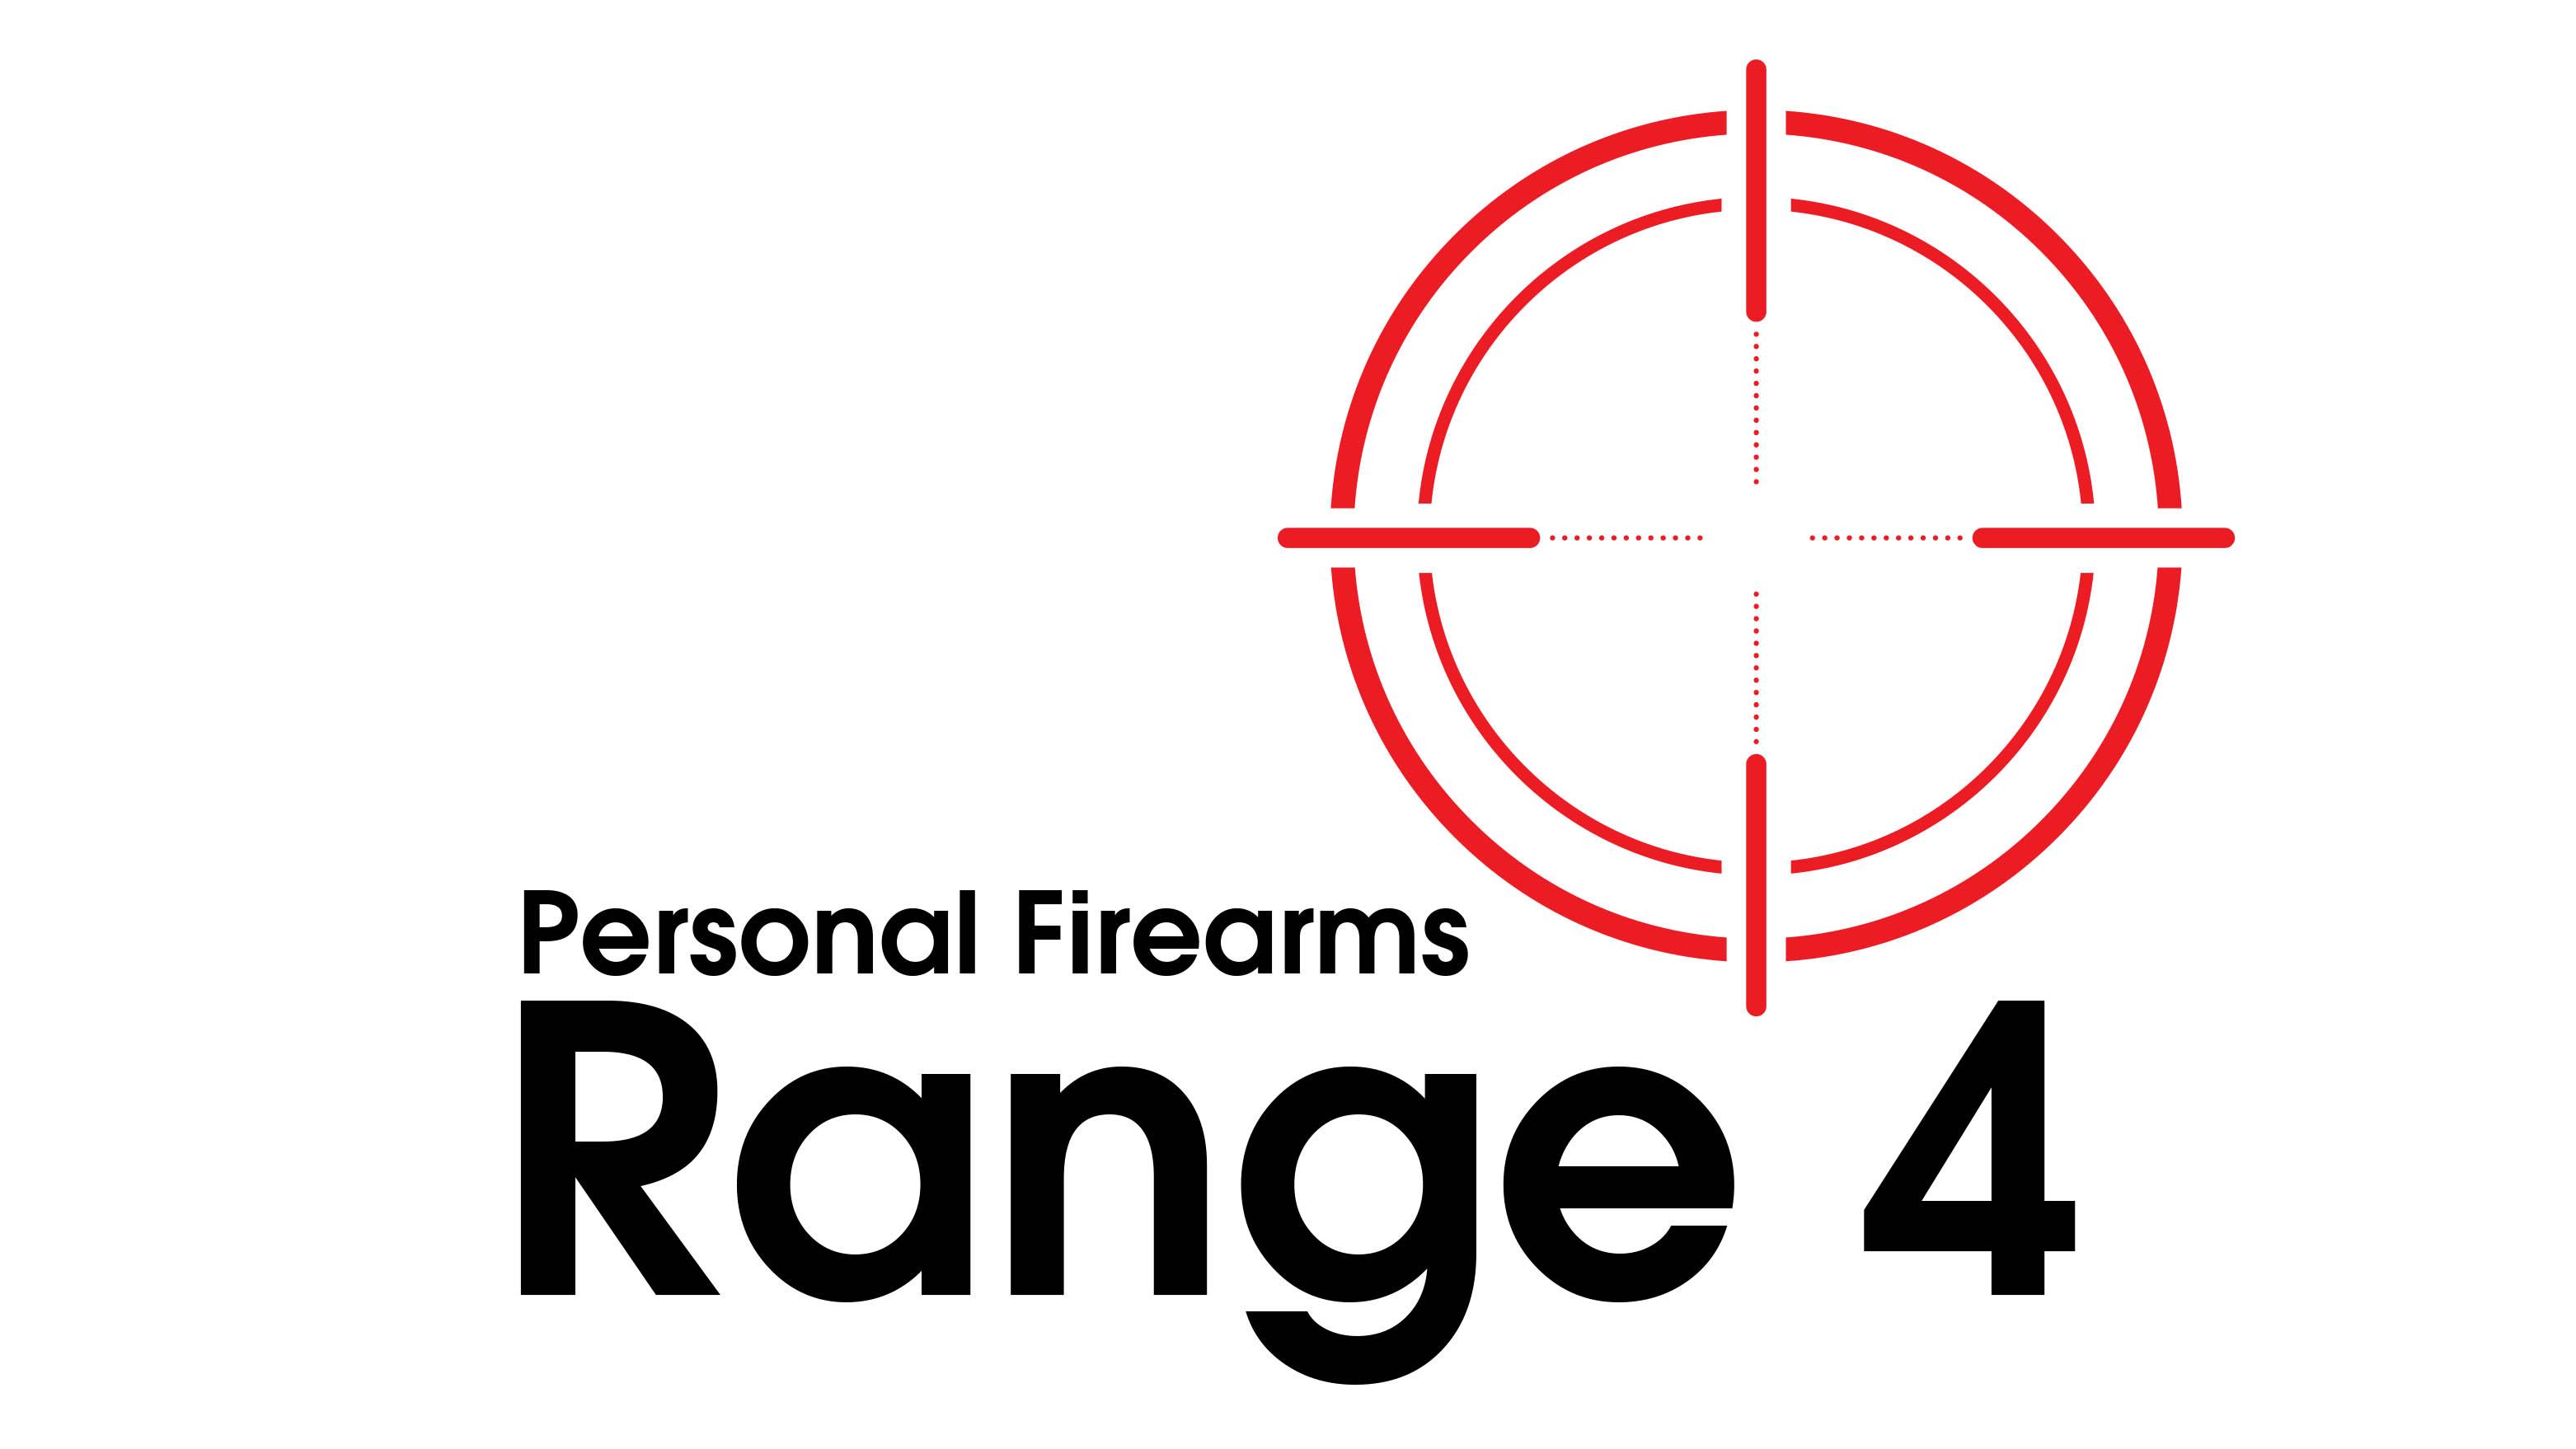 Personal Firearms Range 4